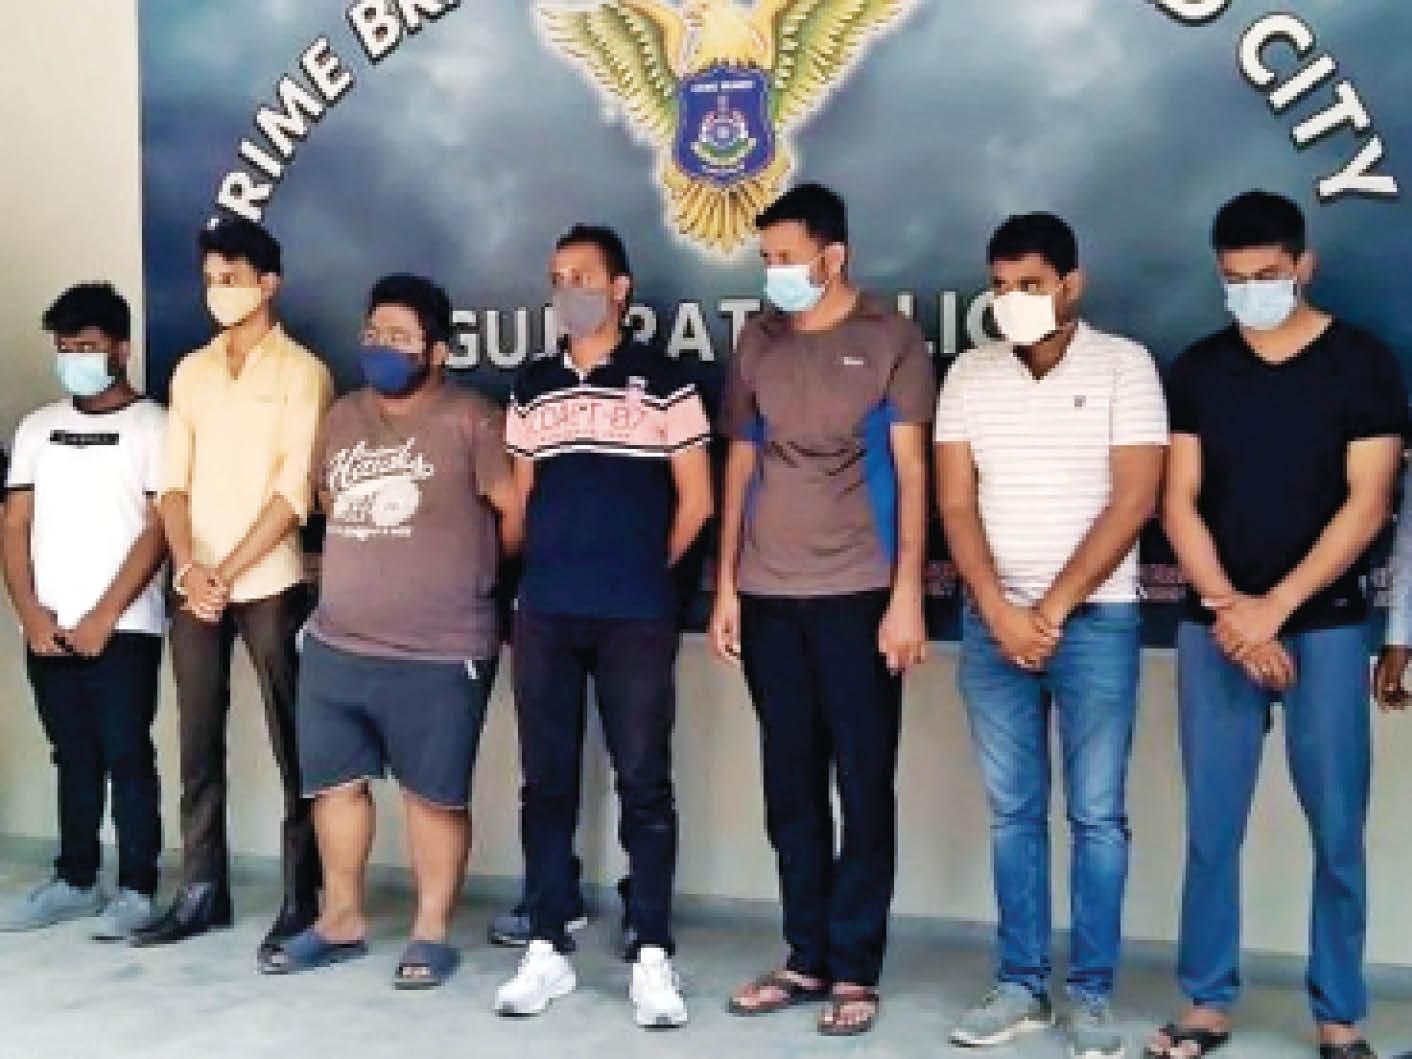 क्राइम ब्रांच की ओर से गिरफ्तार आरोपी अब तक अहमदाबाद, राजकोट, सूरत, वडोदरा, जामनगर, वापी जैसे शहरों में 4 हजार से लेकर 10 हजार रुपए तक में इंजेक्शन बेच चुके हैं। - Dainik Bhaskar